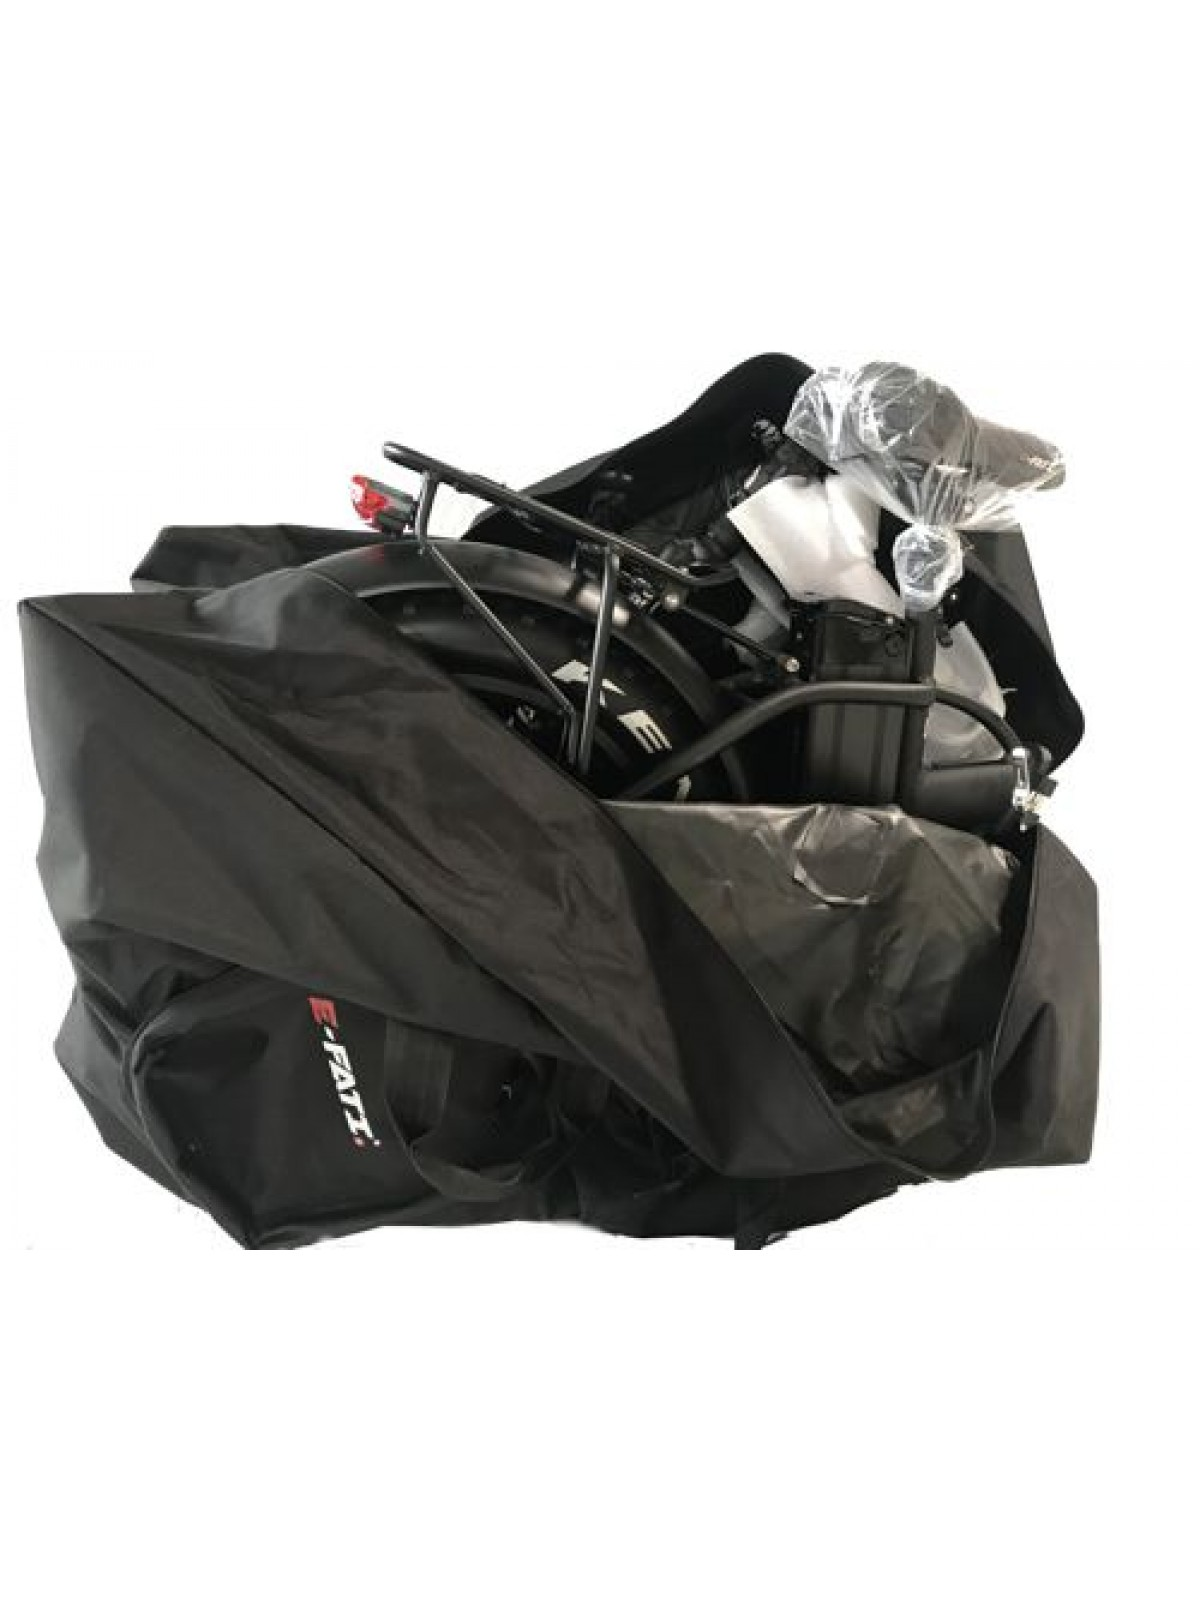 Carrying Bag For E-FATI / L / LU / SU / S